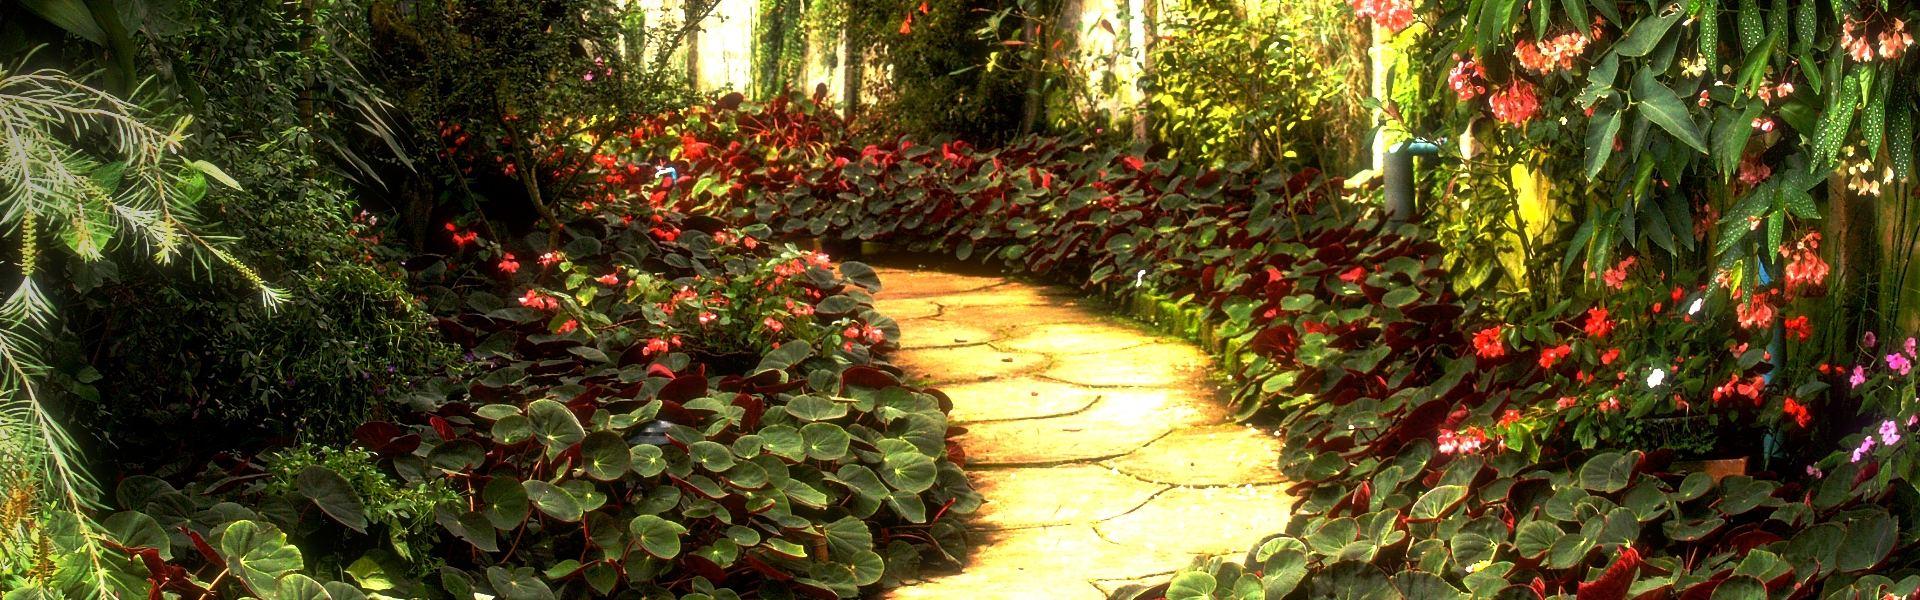 geschwungener Weg mit vielen Blätterpflanzen drumherum und kleinen Blüten_compose.jpg